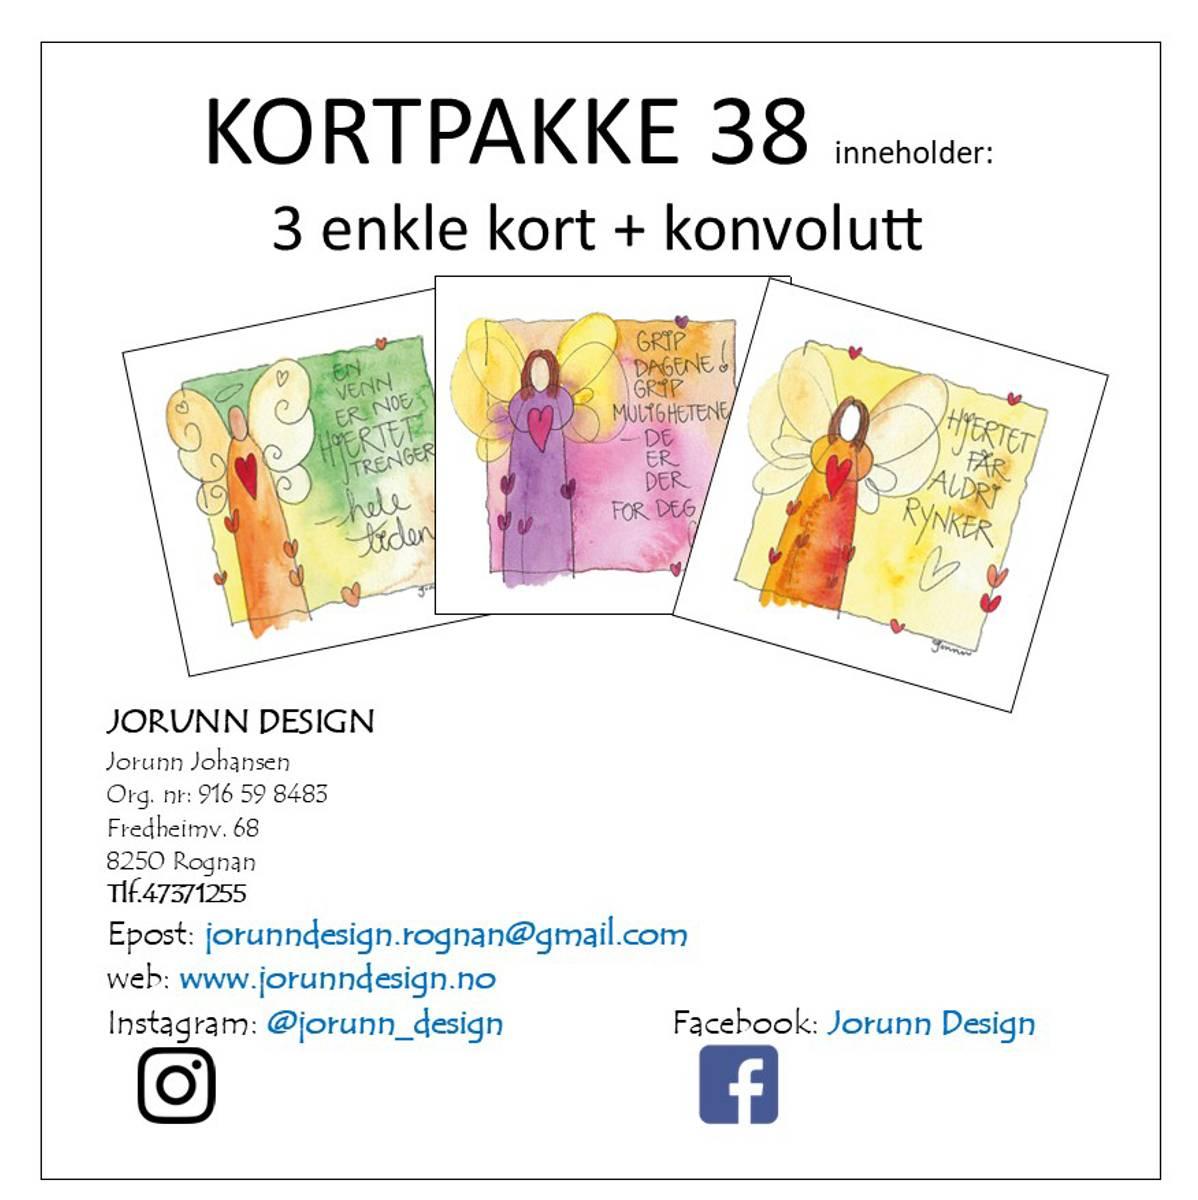 Kortpakke 38